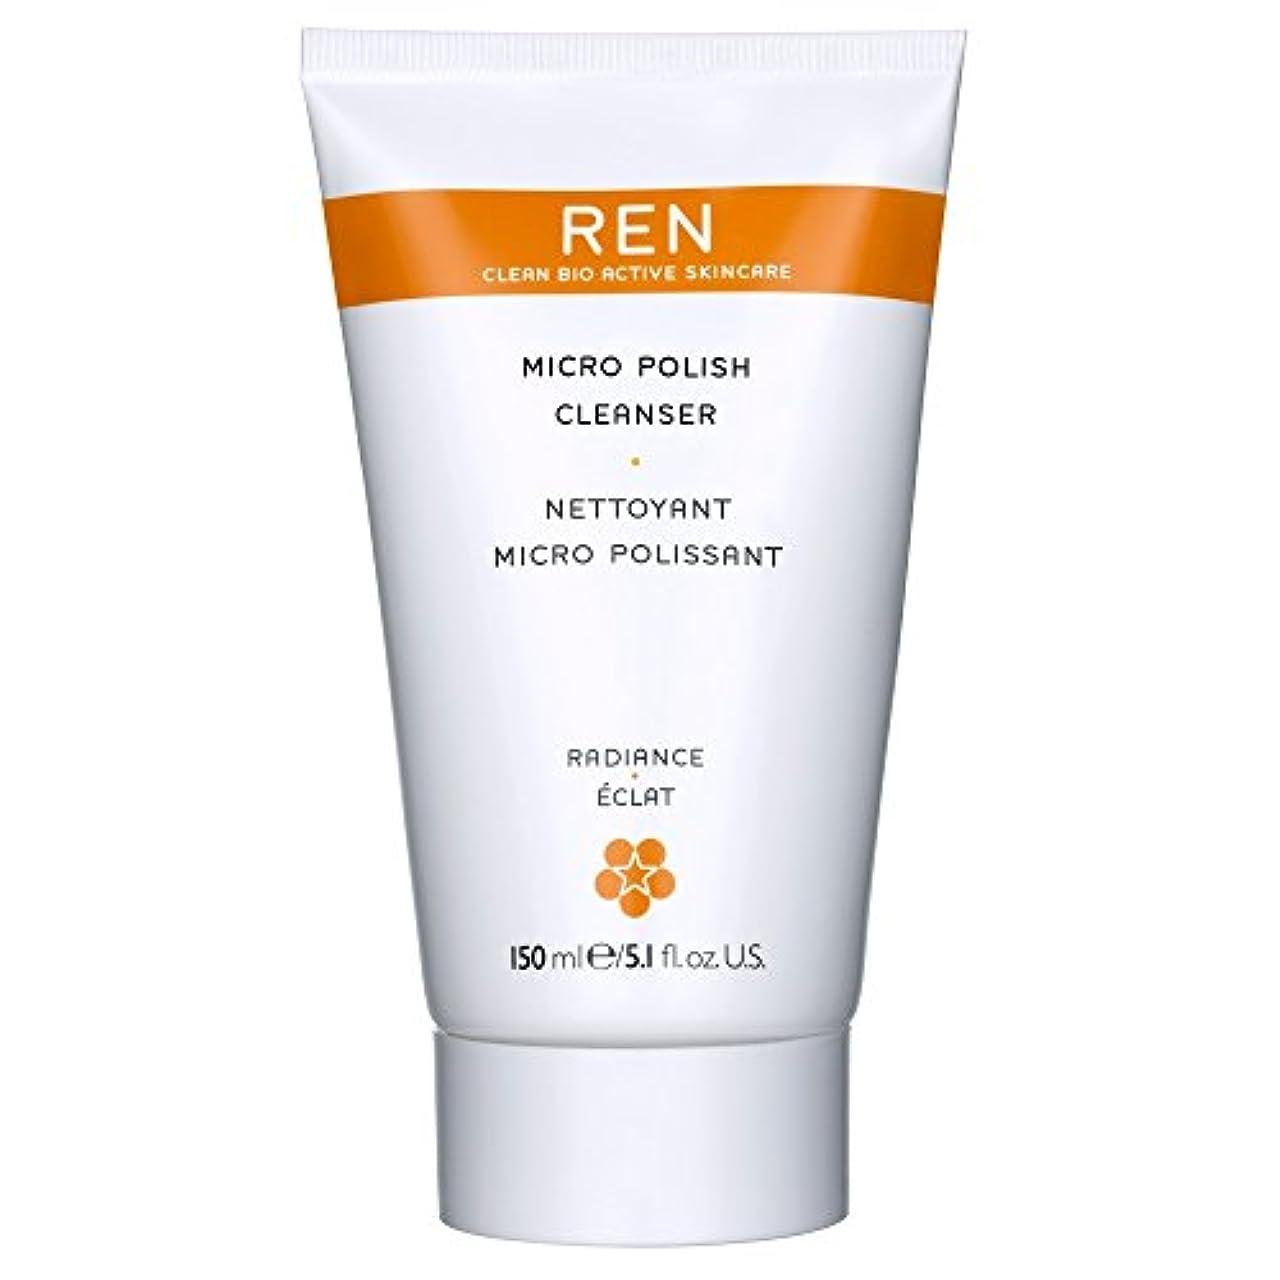 因子取り組む禁止するRenミルコ磨きクレンザー、150ミリリットル (REN) (x2) - REN Mirco Polish Cleanser, 150ml (Pack of 2) [並行輸入品]